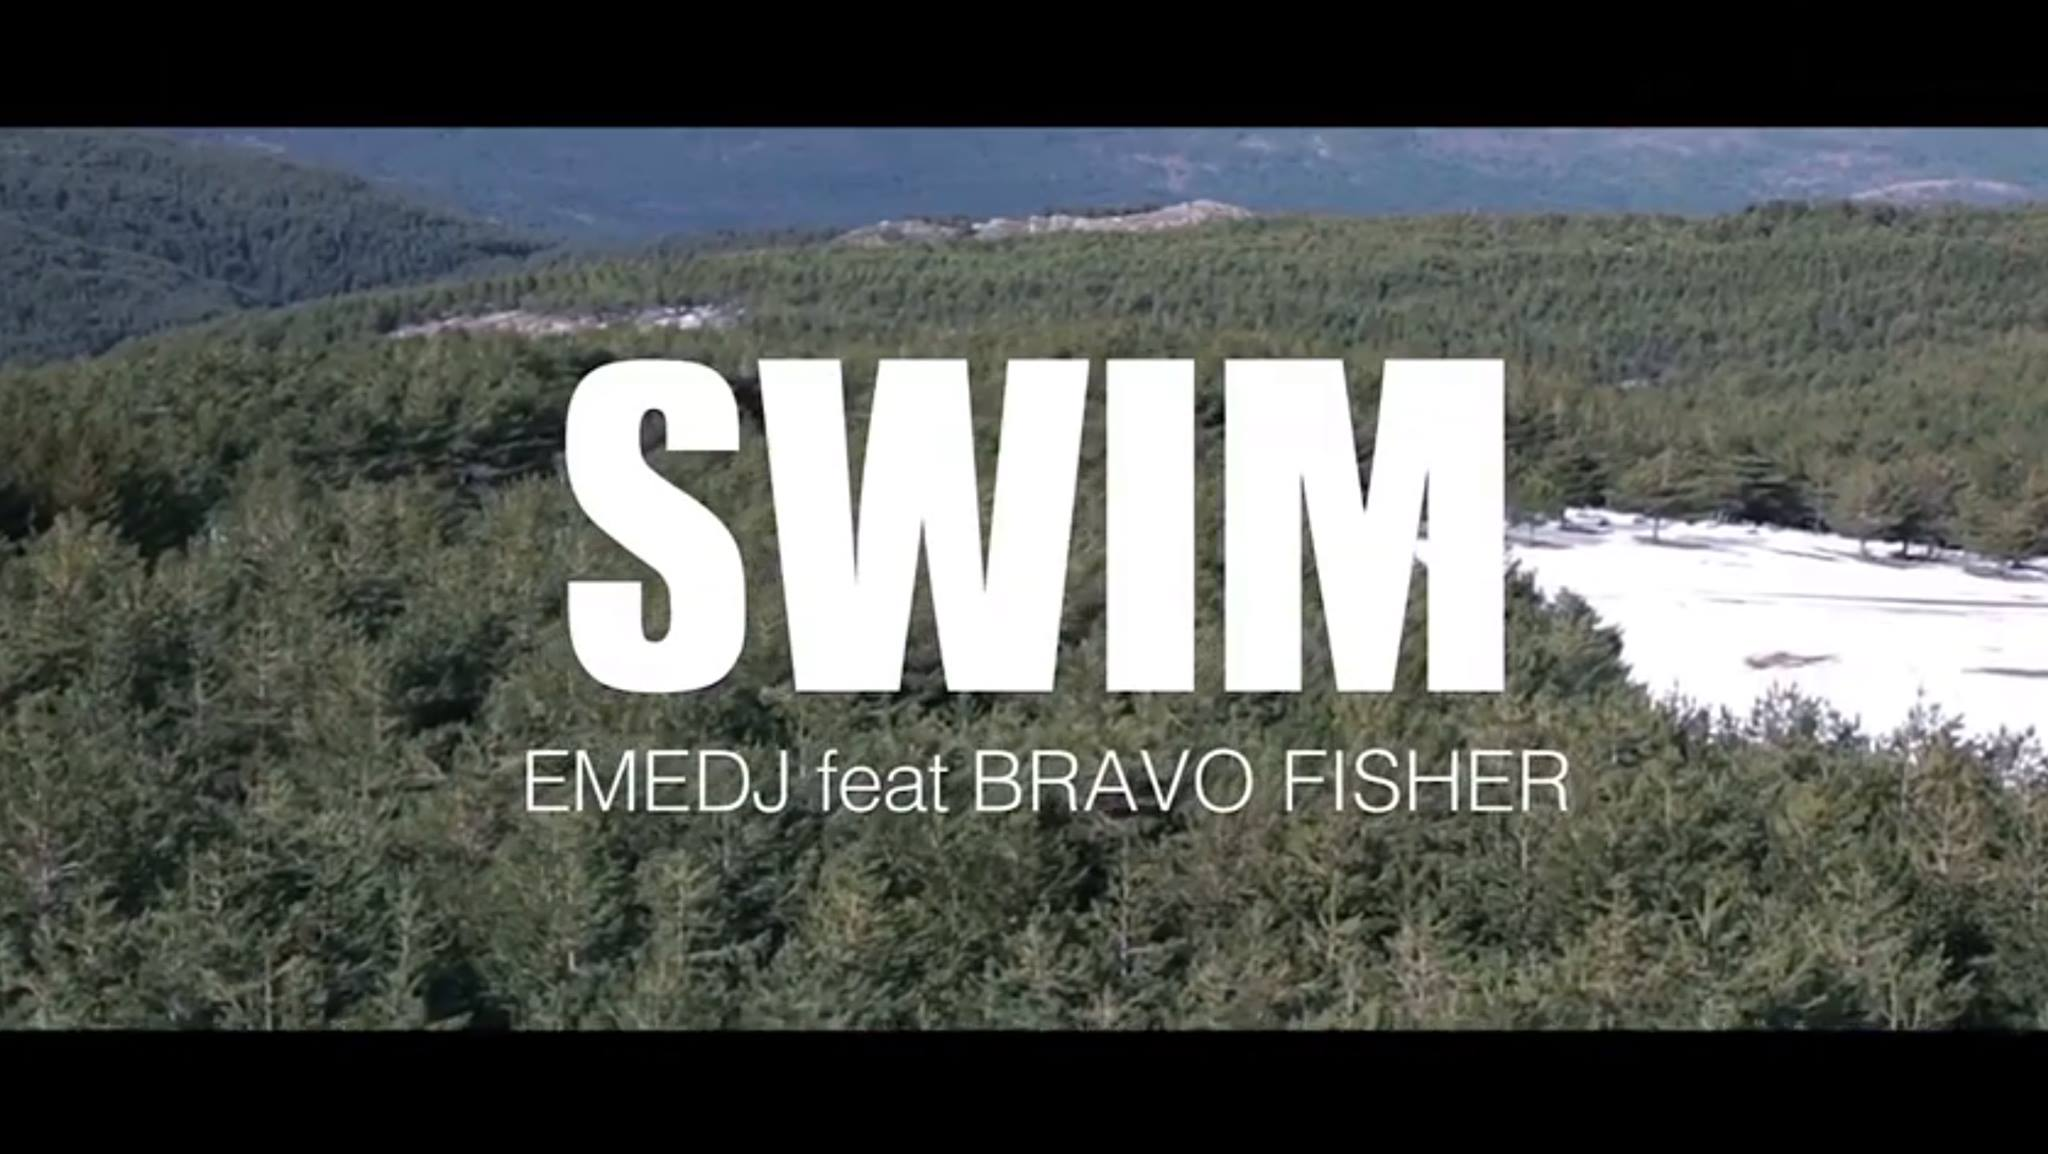 EME DJ estrena el videoclip de Swim, su tema junto a Bravo Fisher